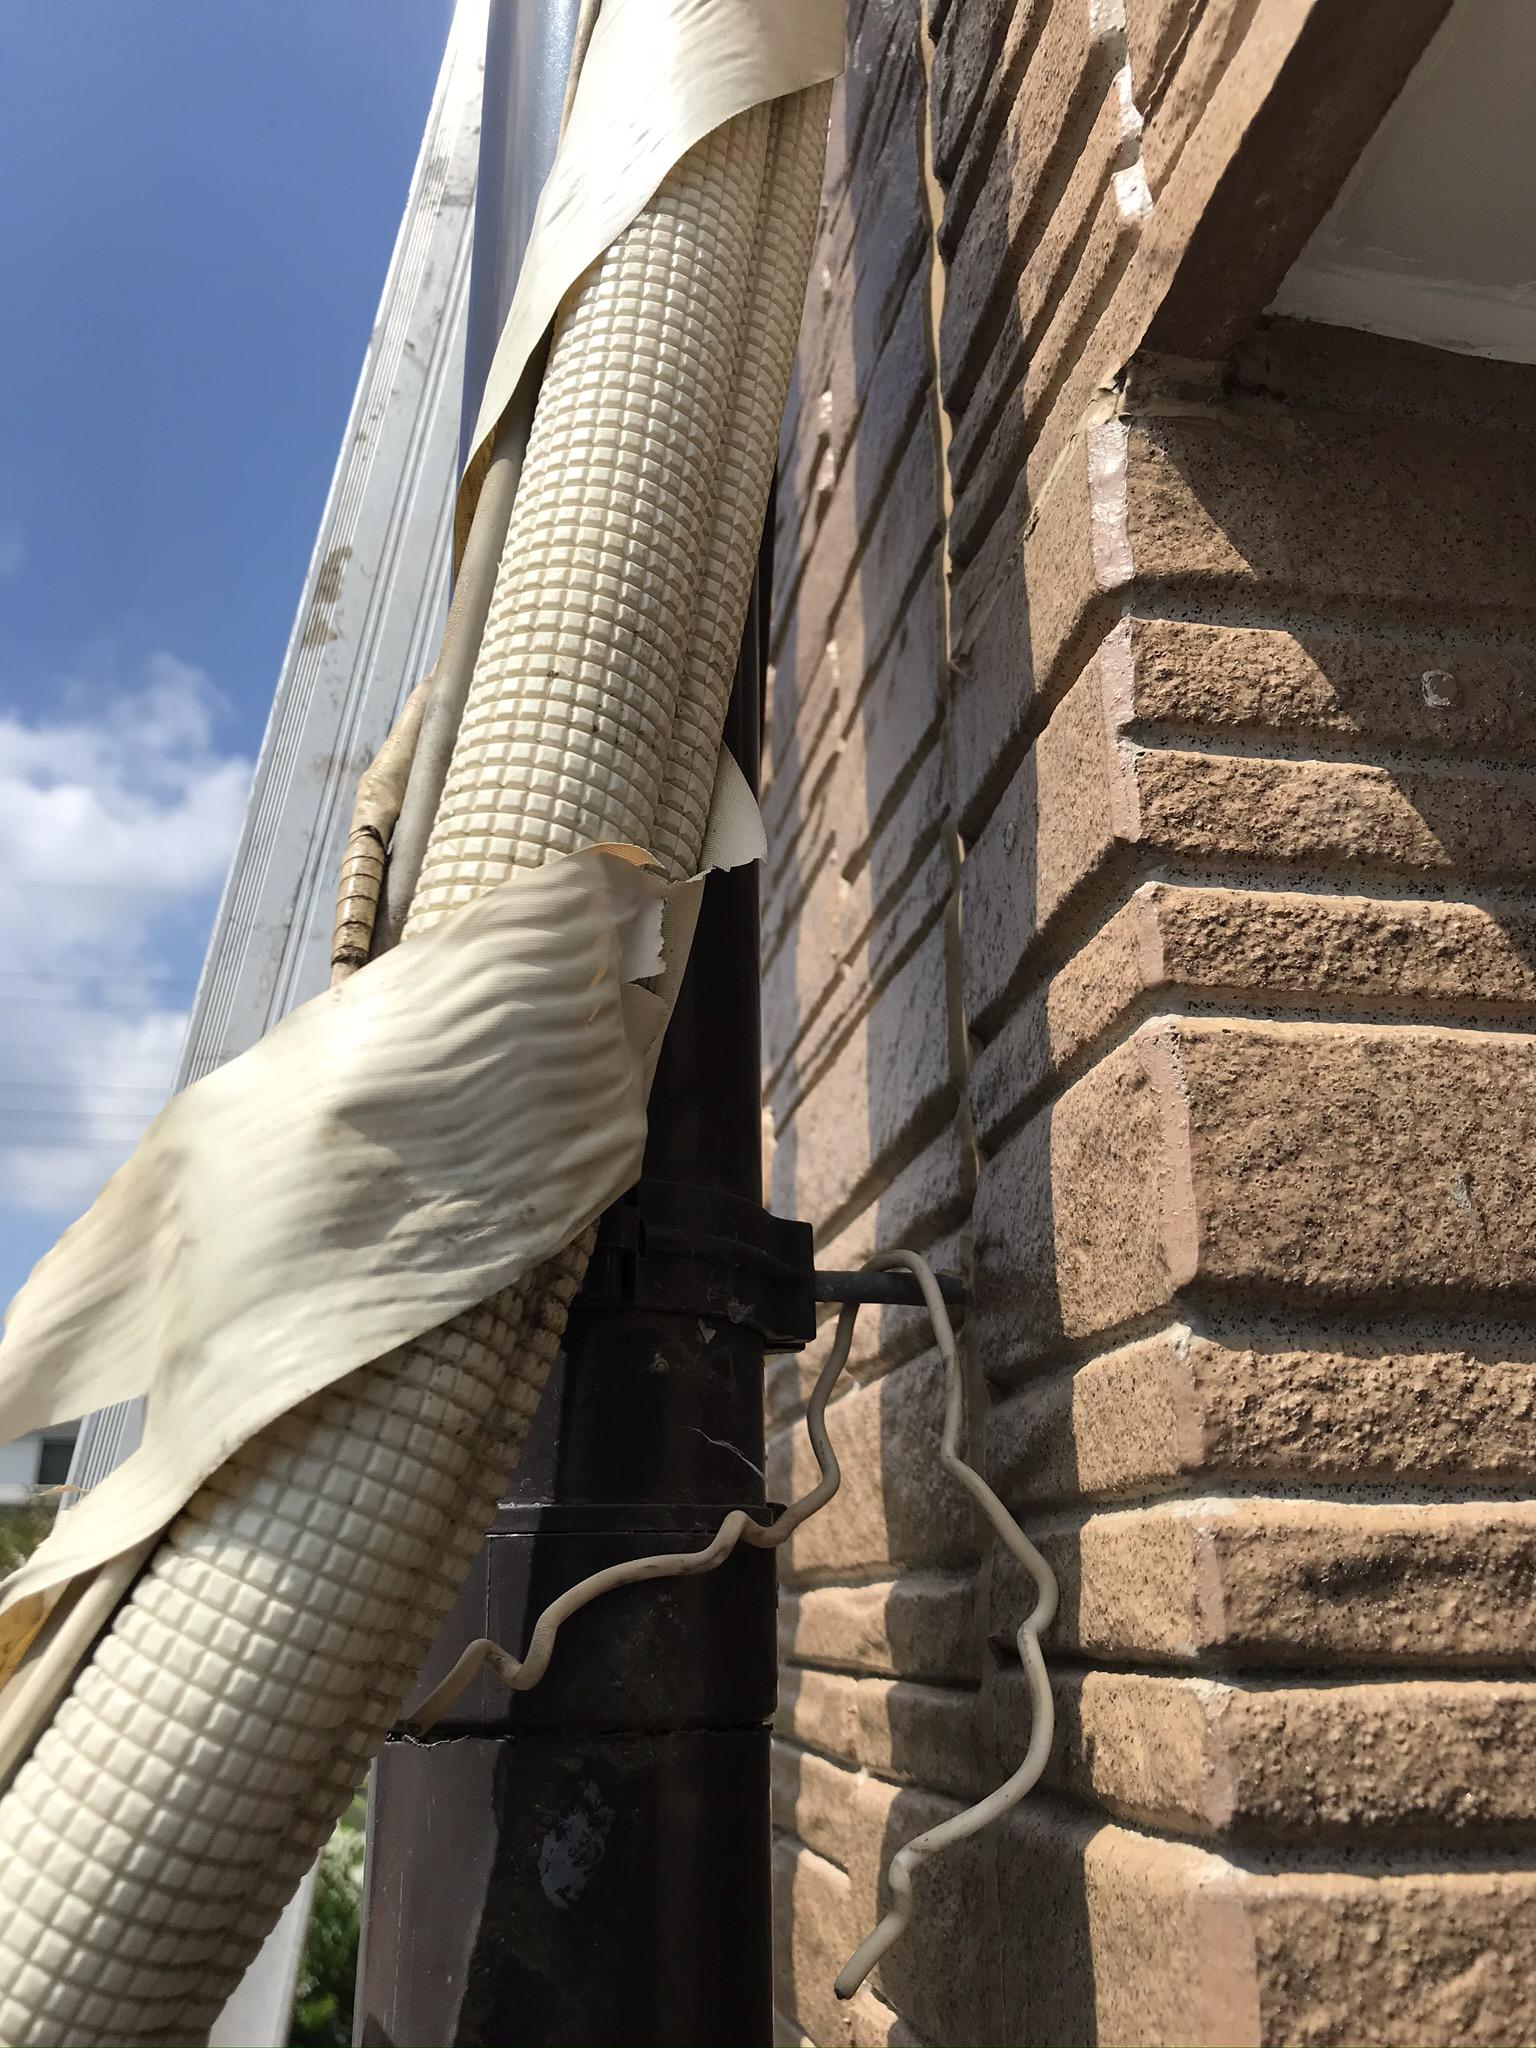 上尾市ベランダ防水工事で気づいたエアコンホーステープの劣化